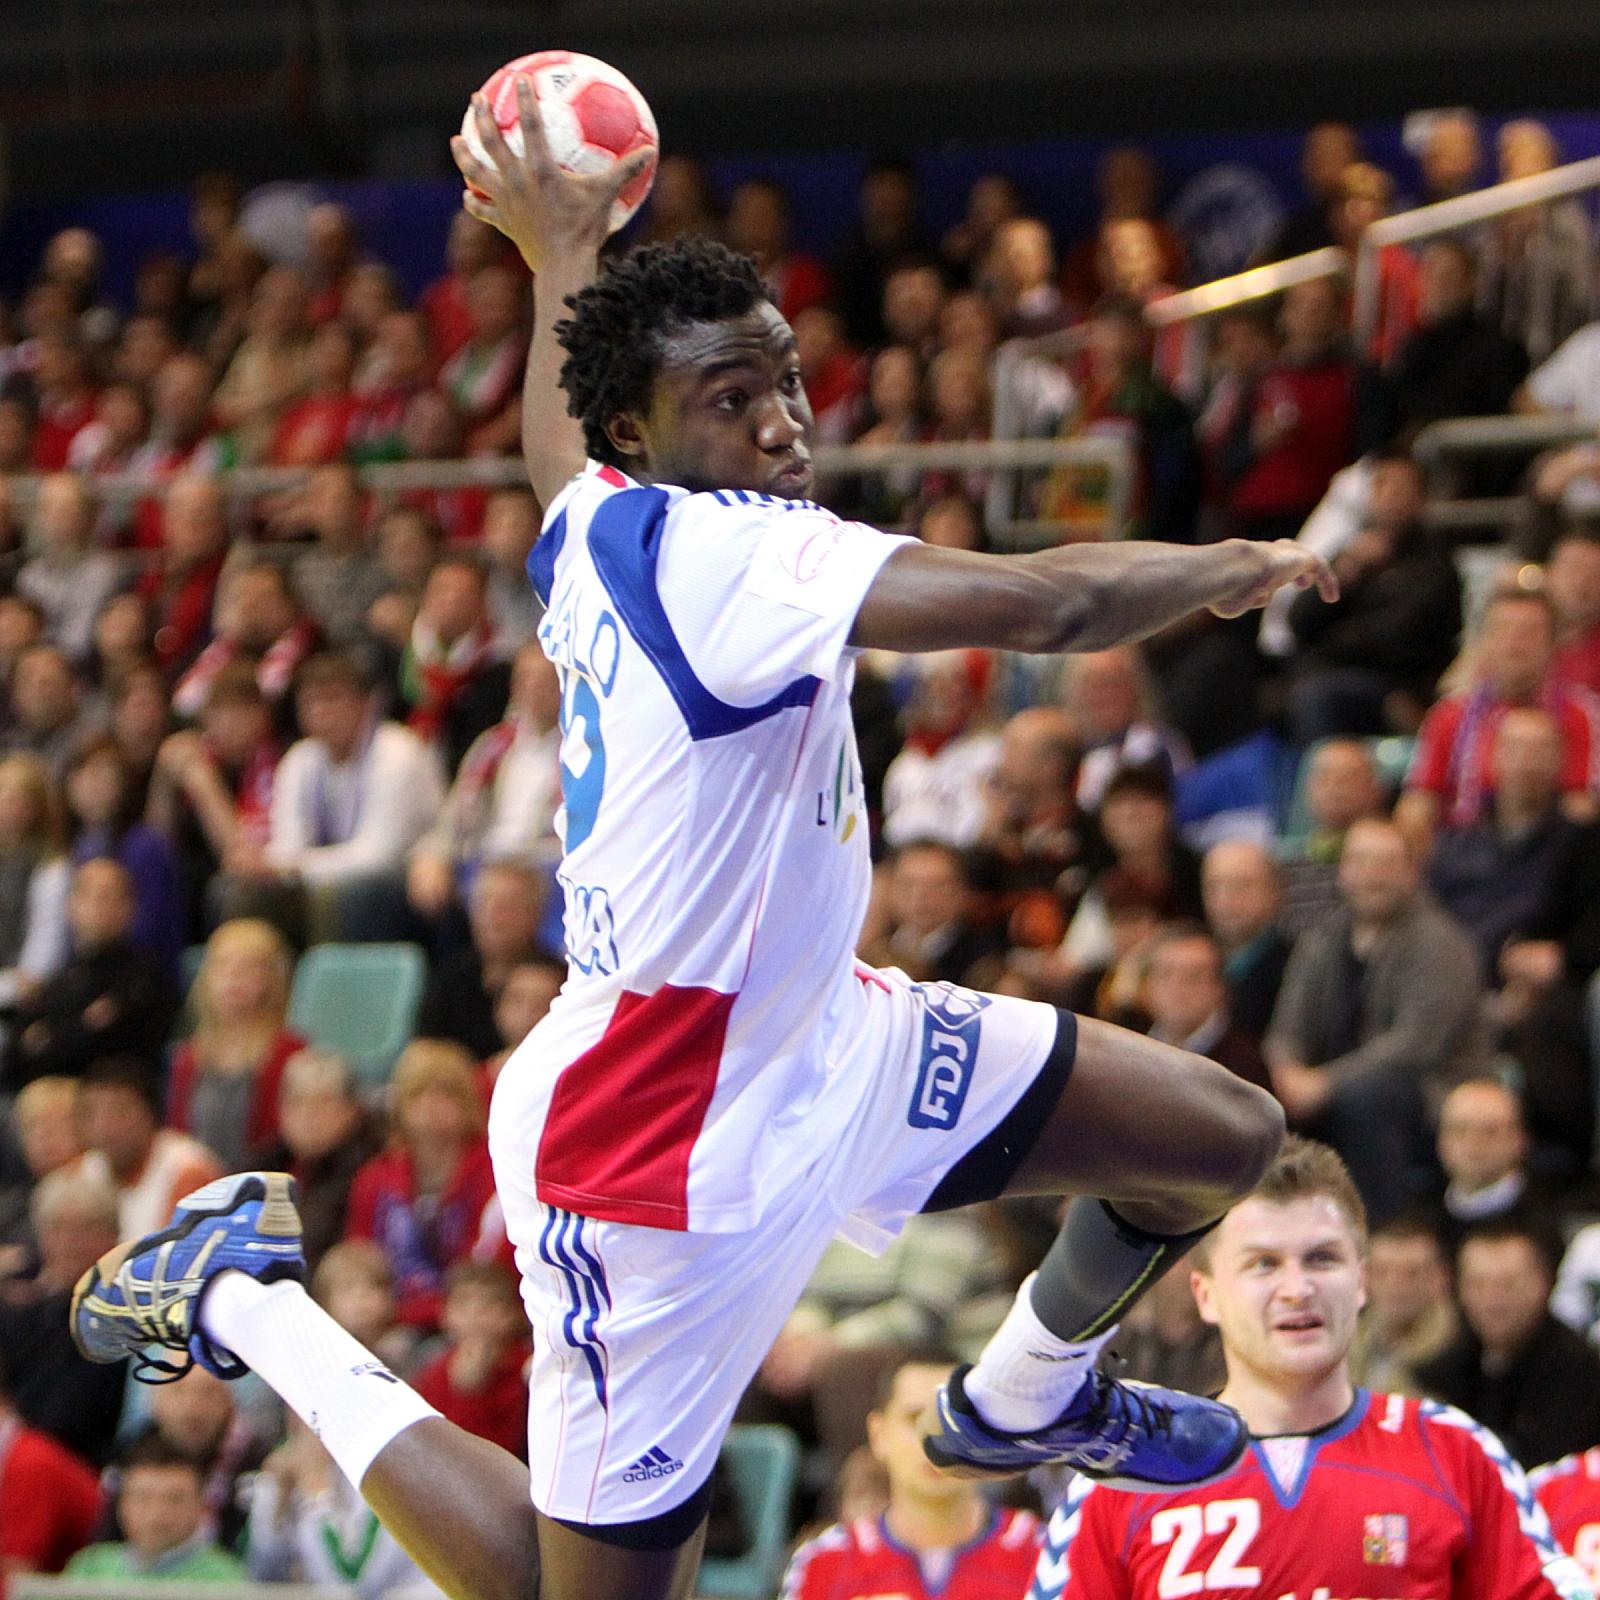 Kickers Handball